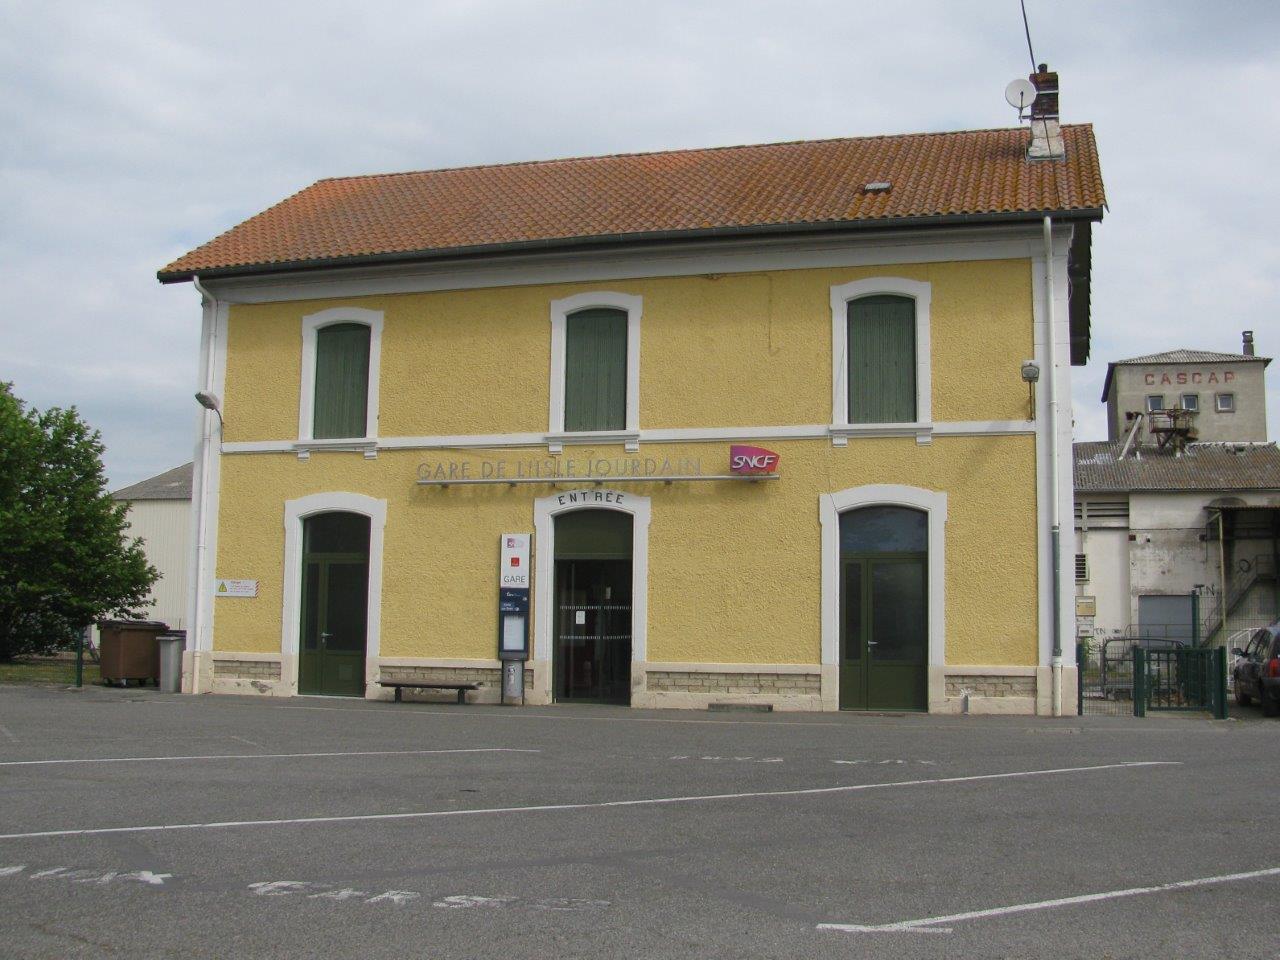 gare-de-l-isle-jourdain-gers-train-station